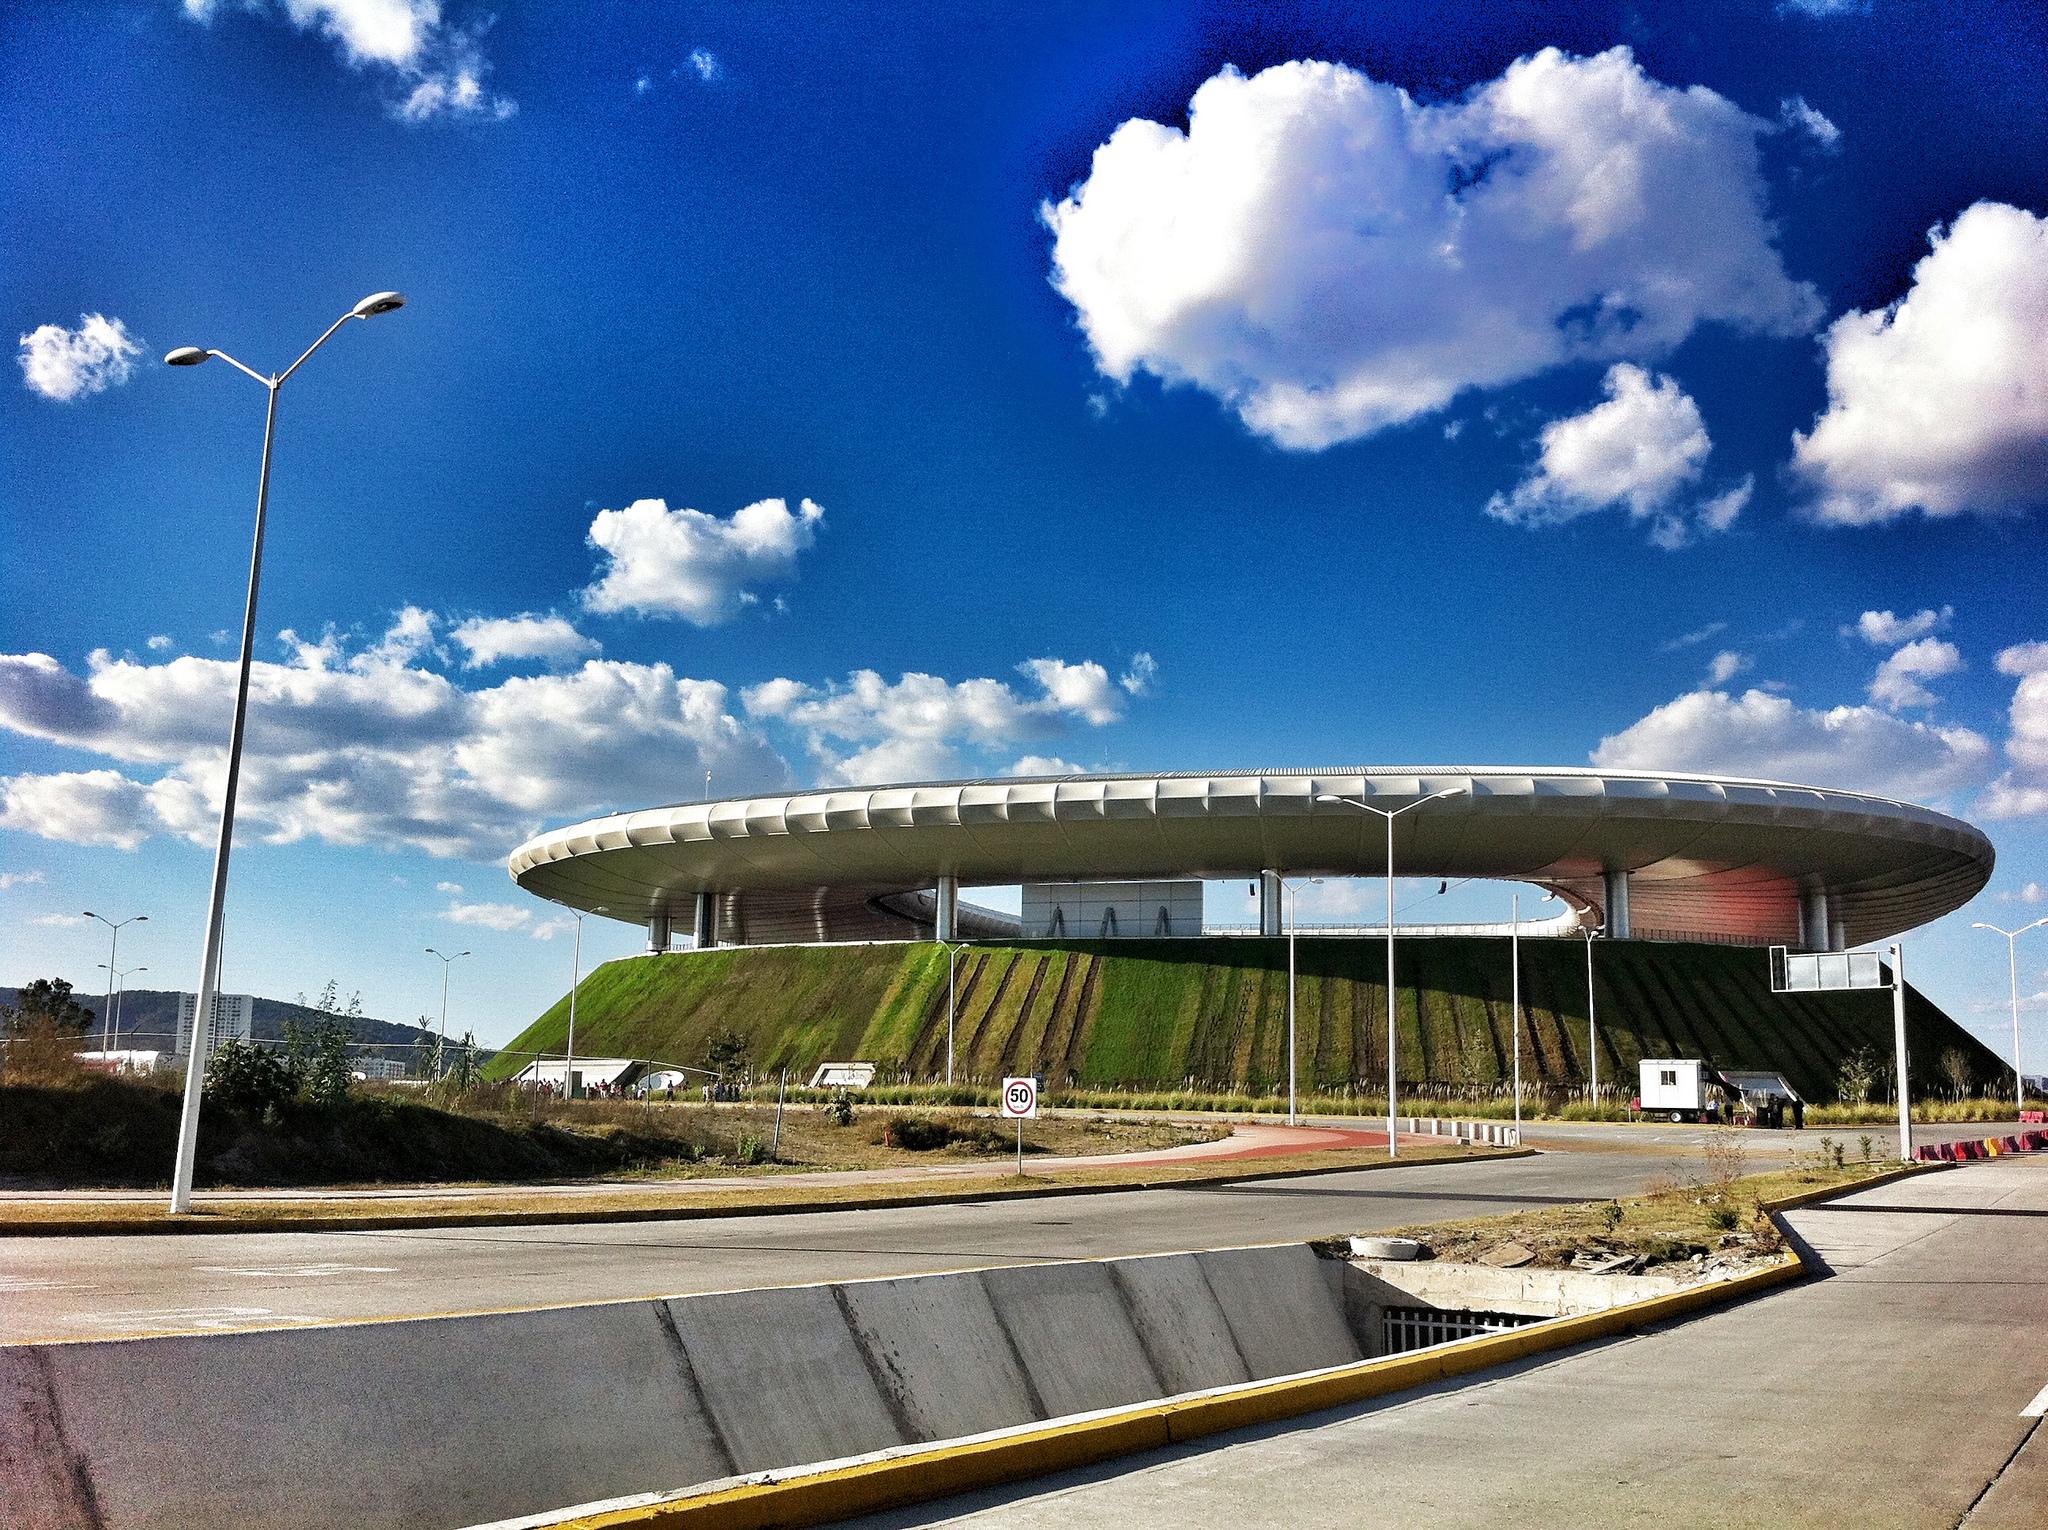 Ein kraterförmiges Stadion mit begrüntem Rand, unter weißem Runddach und blauem Himmel.